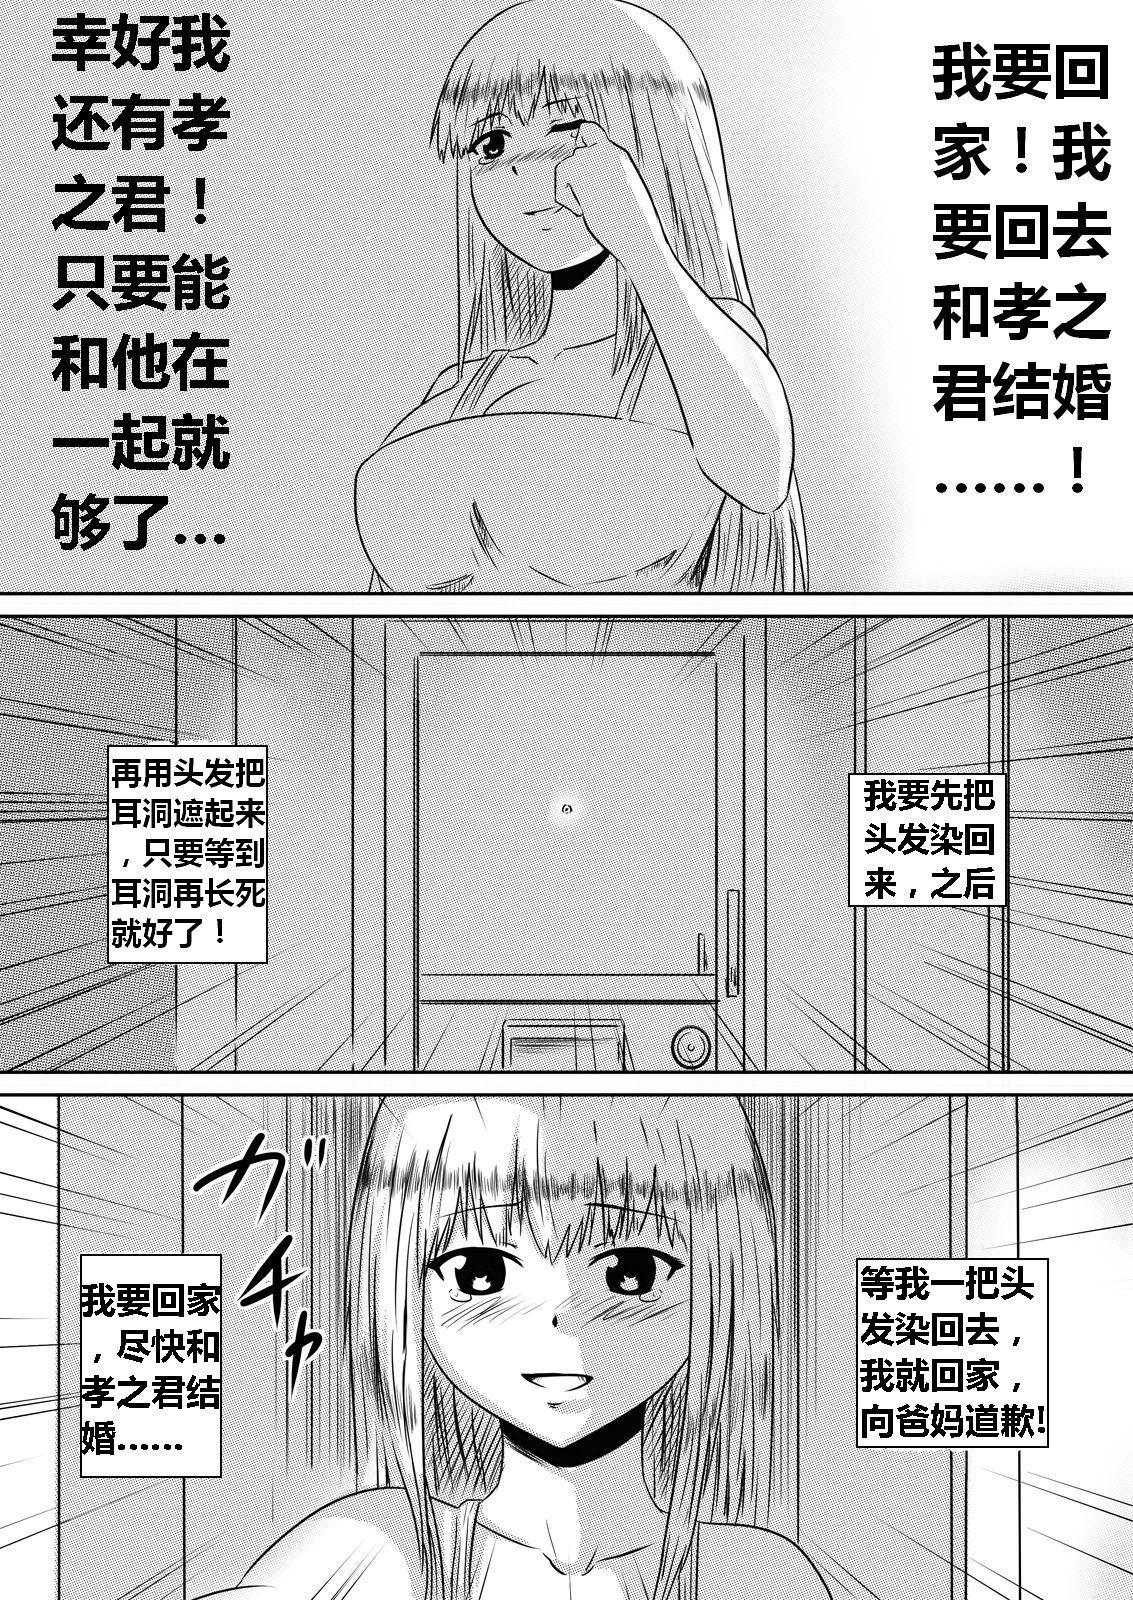 Ore no Kanojo ga Fuuzokujou ni Natta Riyuu | 女朋友下海拍片了 64